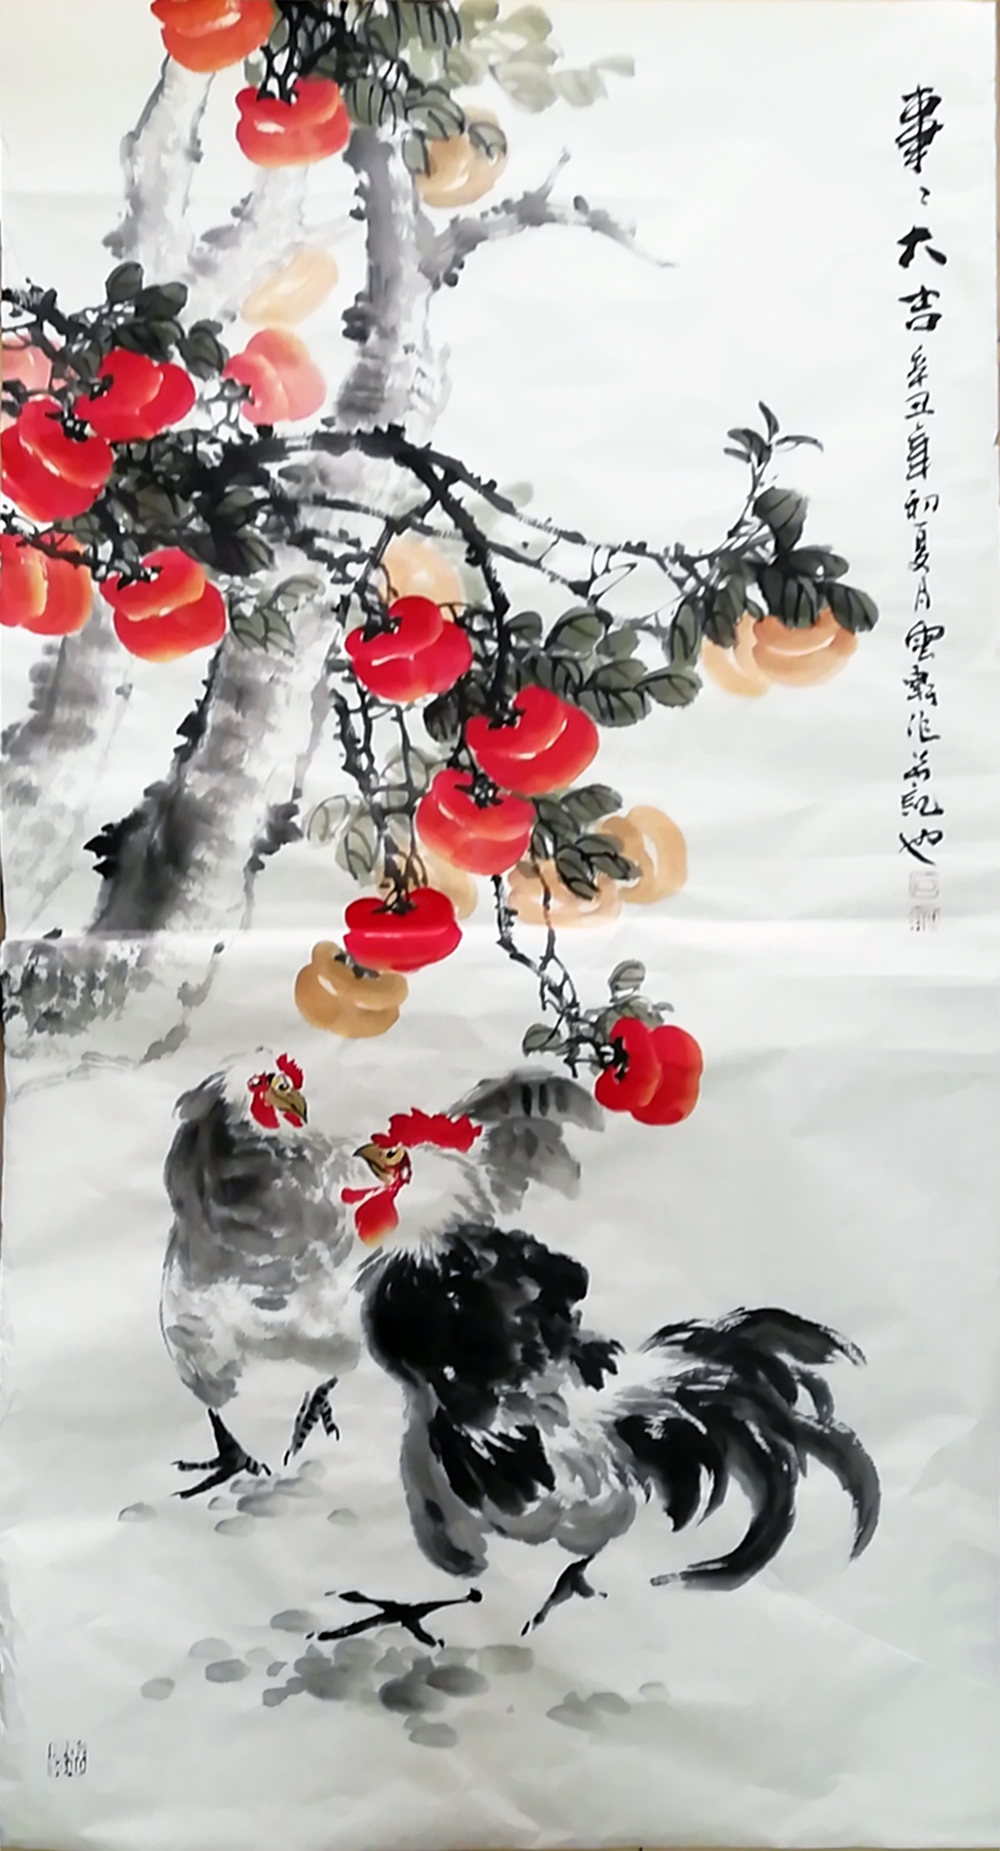 石云轩 国画花鸟画 四尺竖幅《事事大吉》柿子公鸡